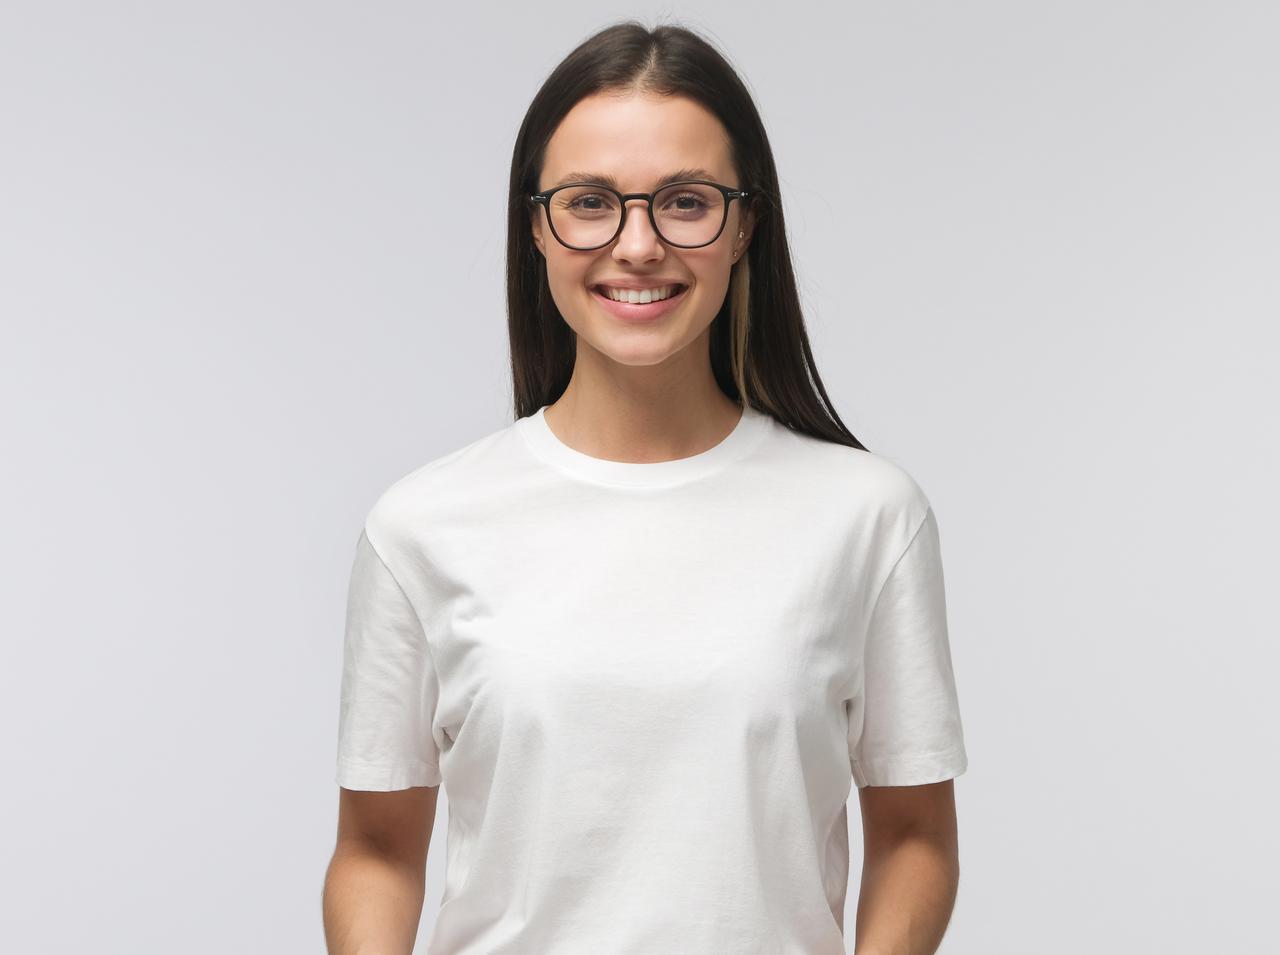 画像: 真っ白の服を着てチェック